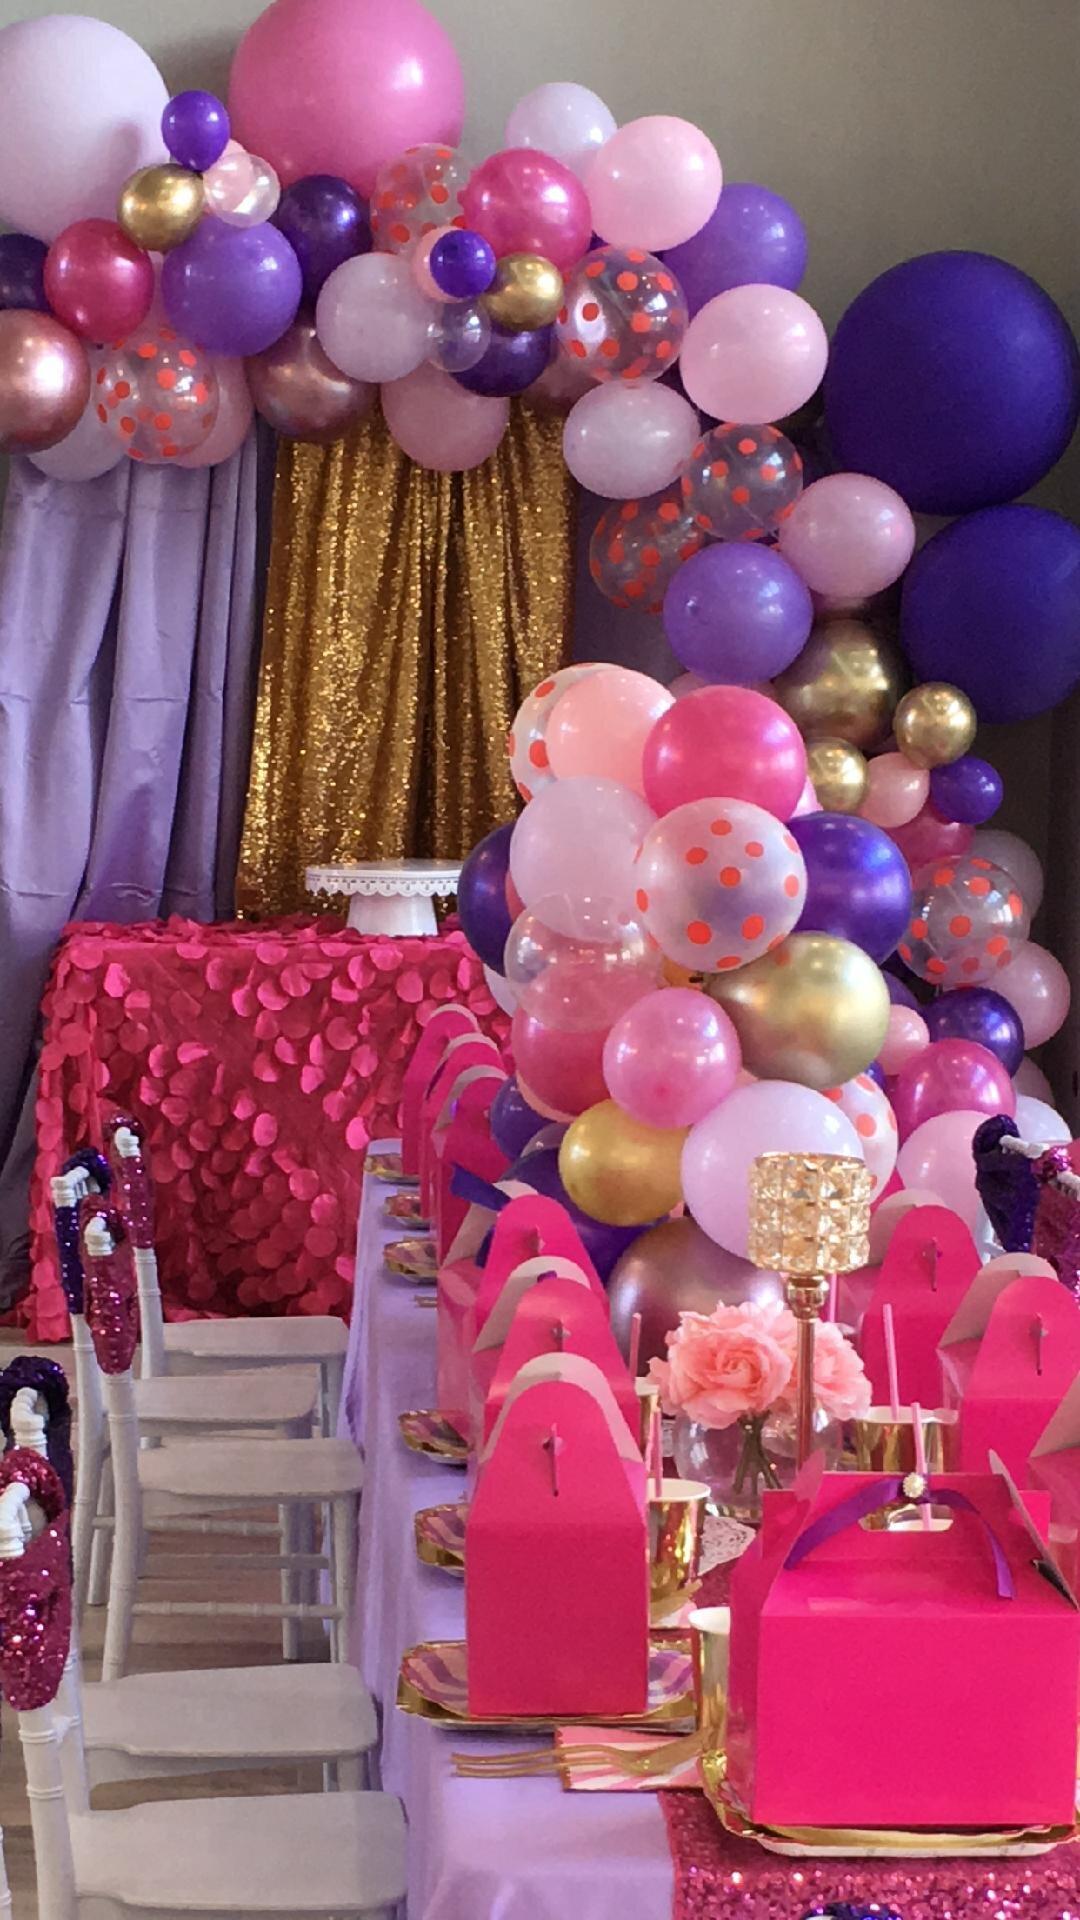 houston kids birthday party planner 832-928-4454 parties children.jpg